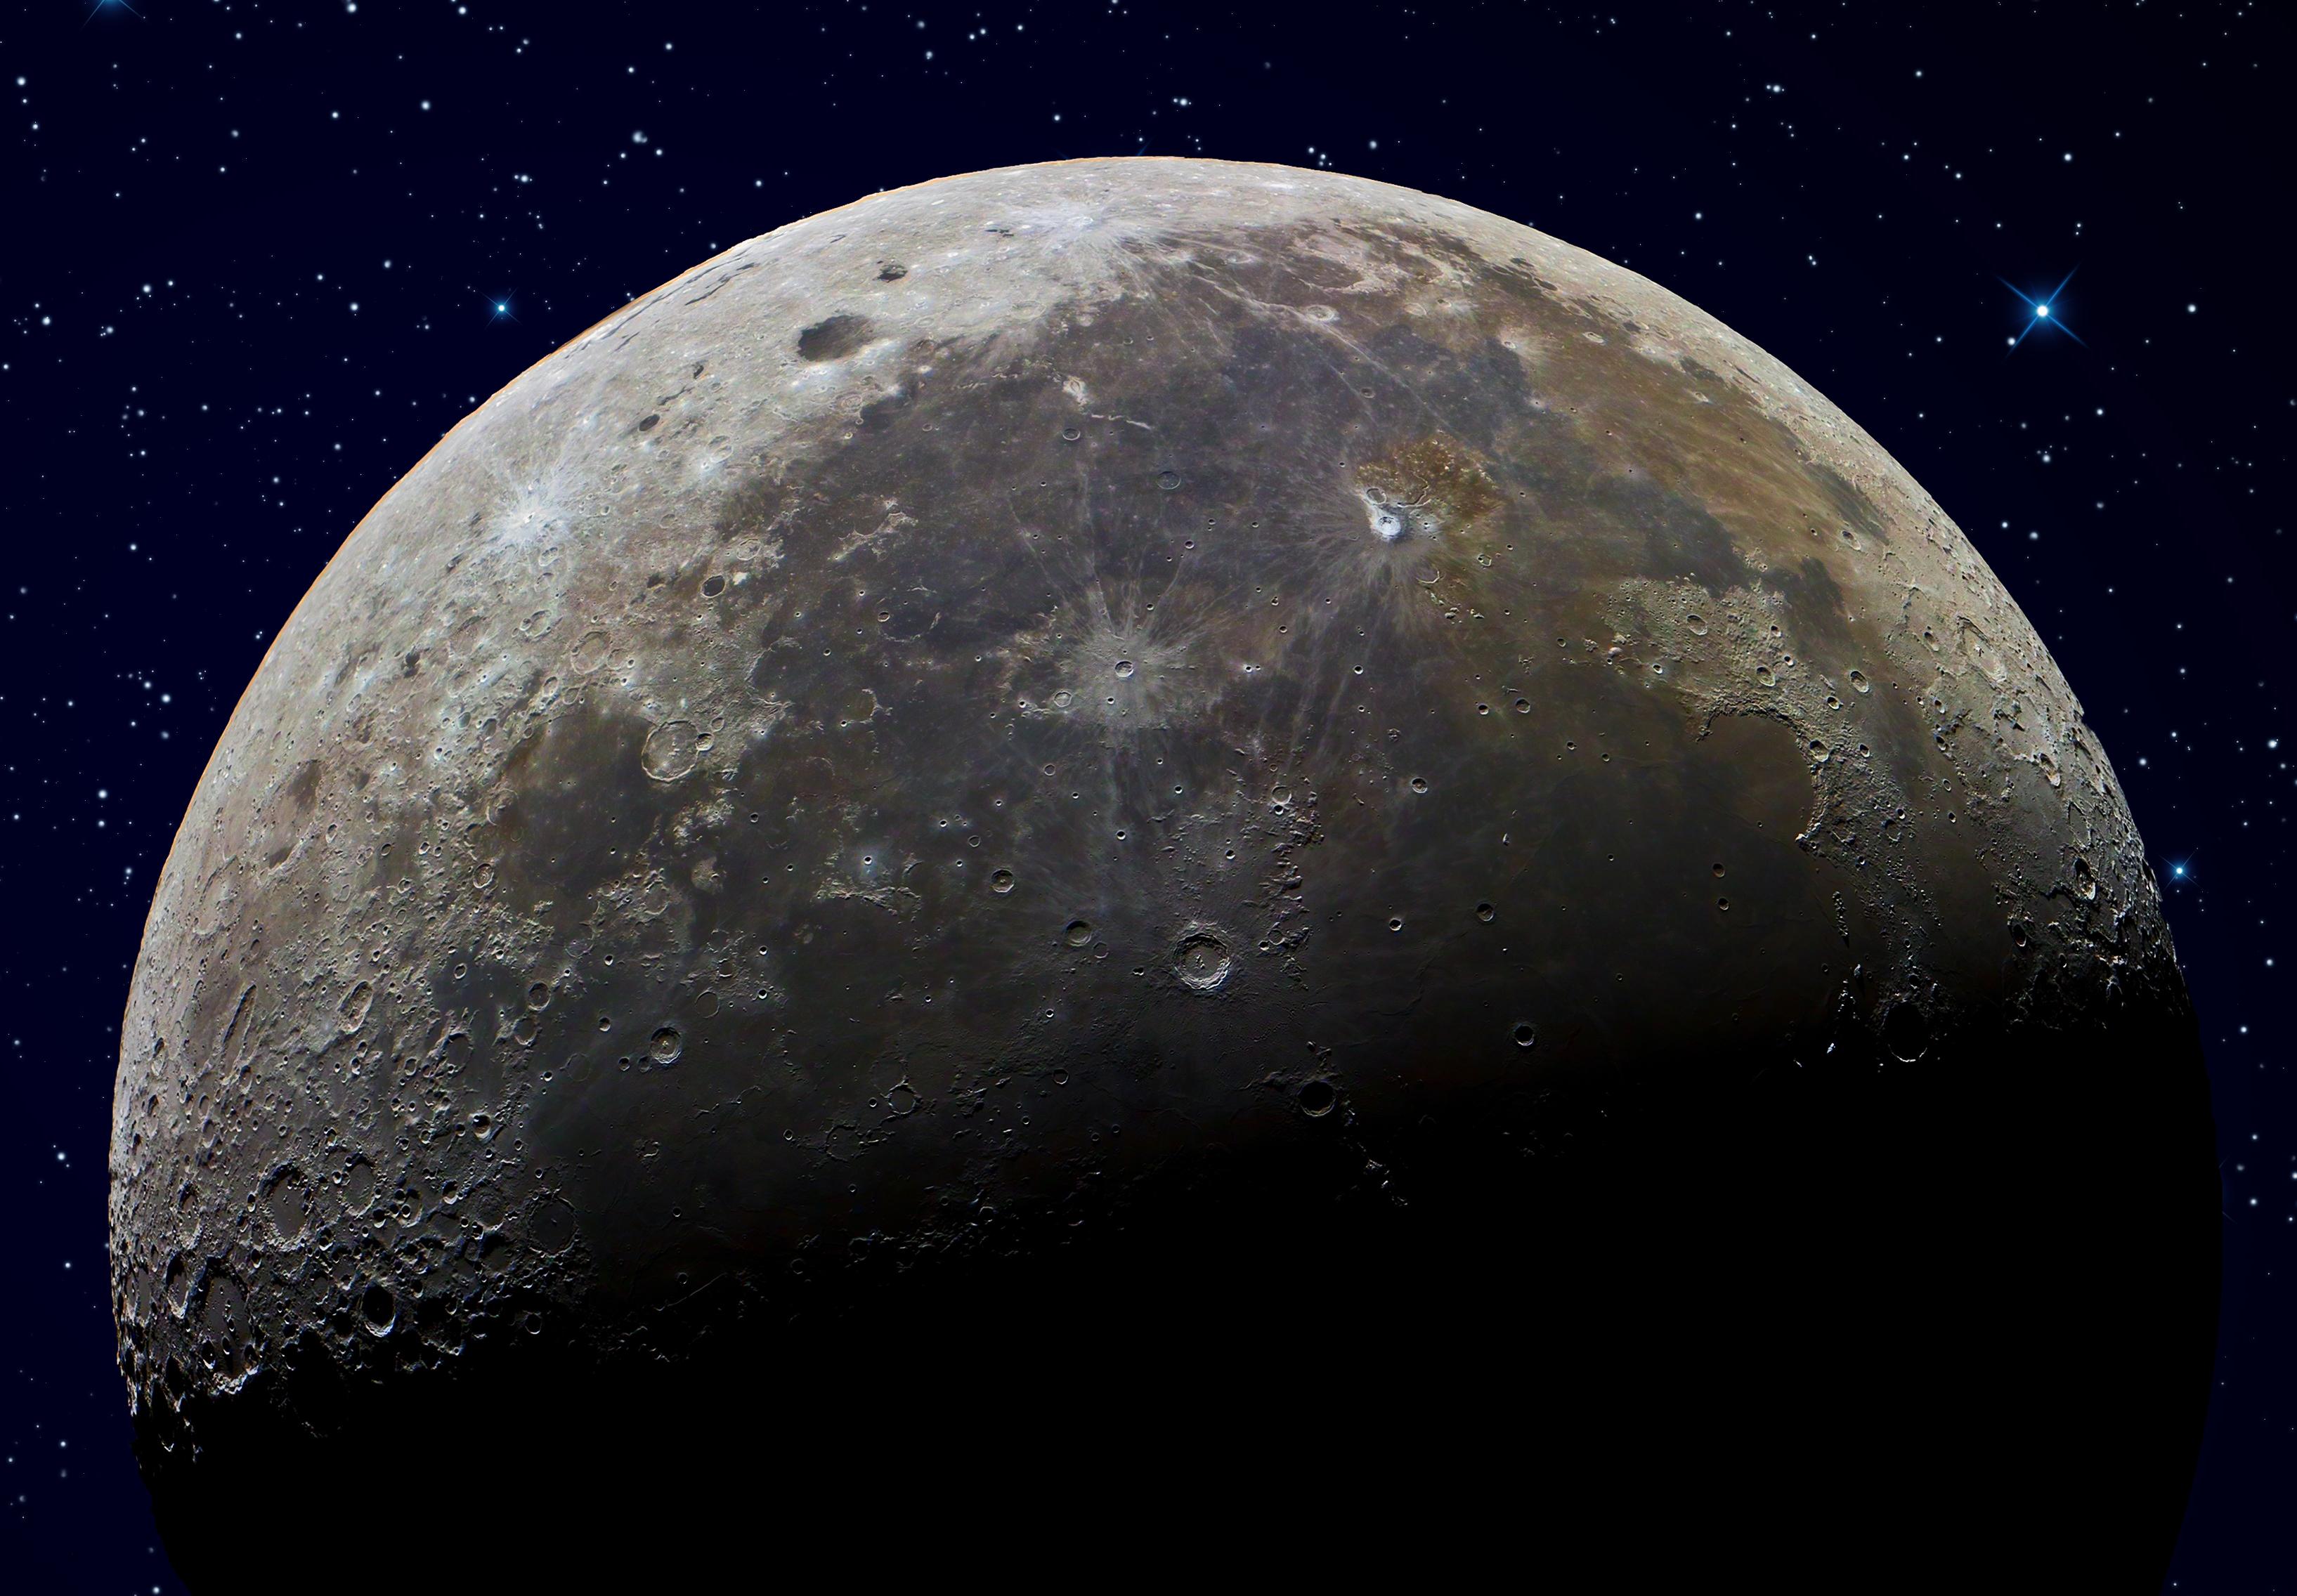 20430 скачать обои Пейзаж, Космос, Луна - заставки и картинки бесплатно